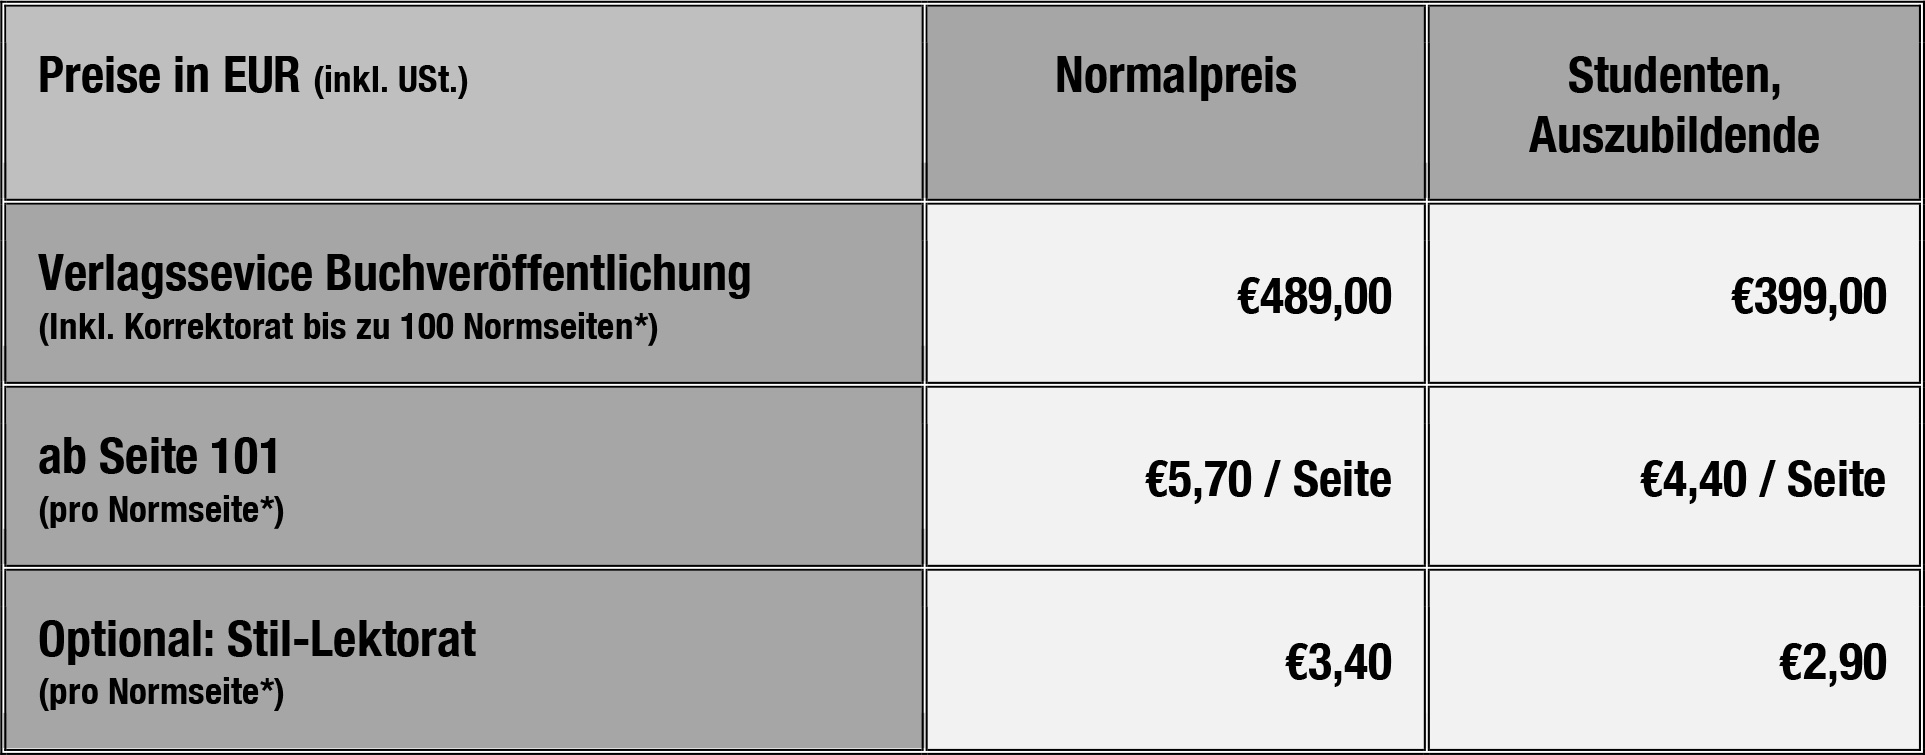 Preise Verlagsservice